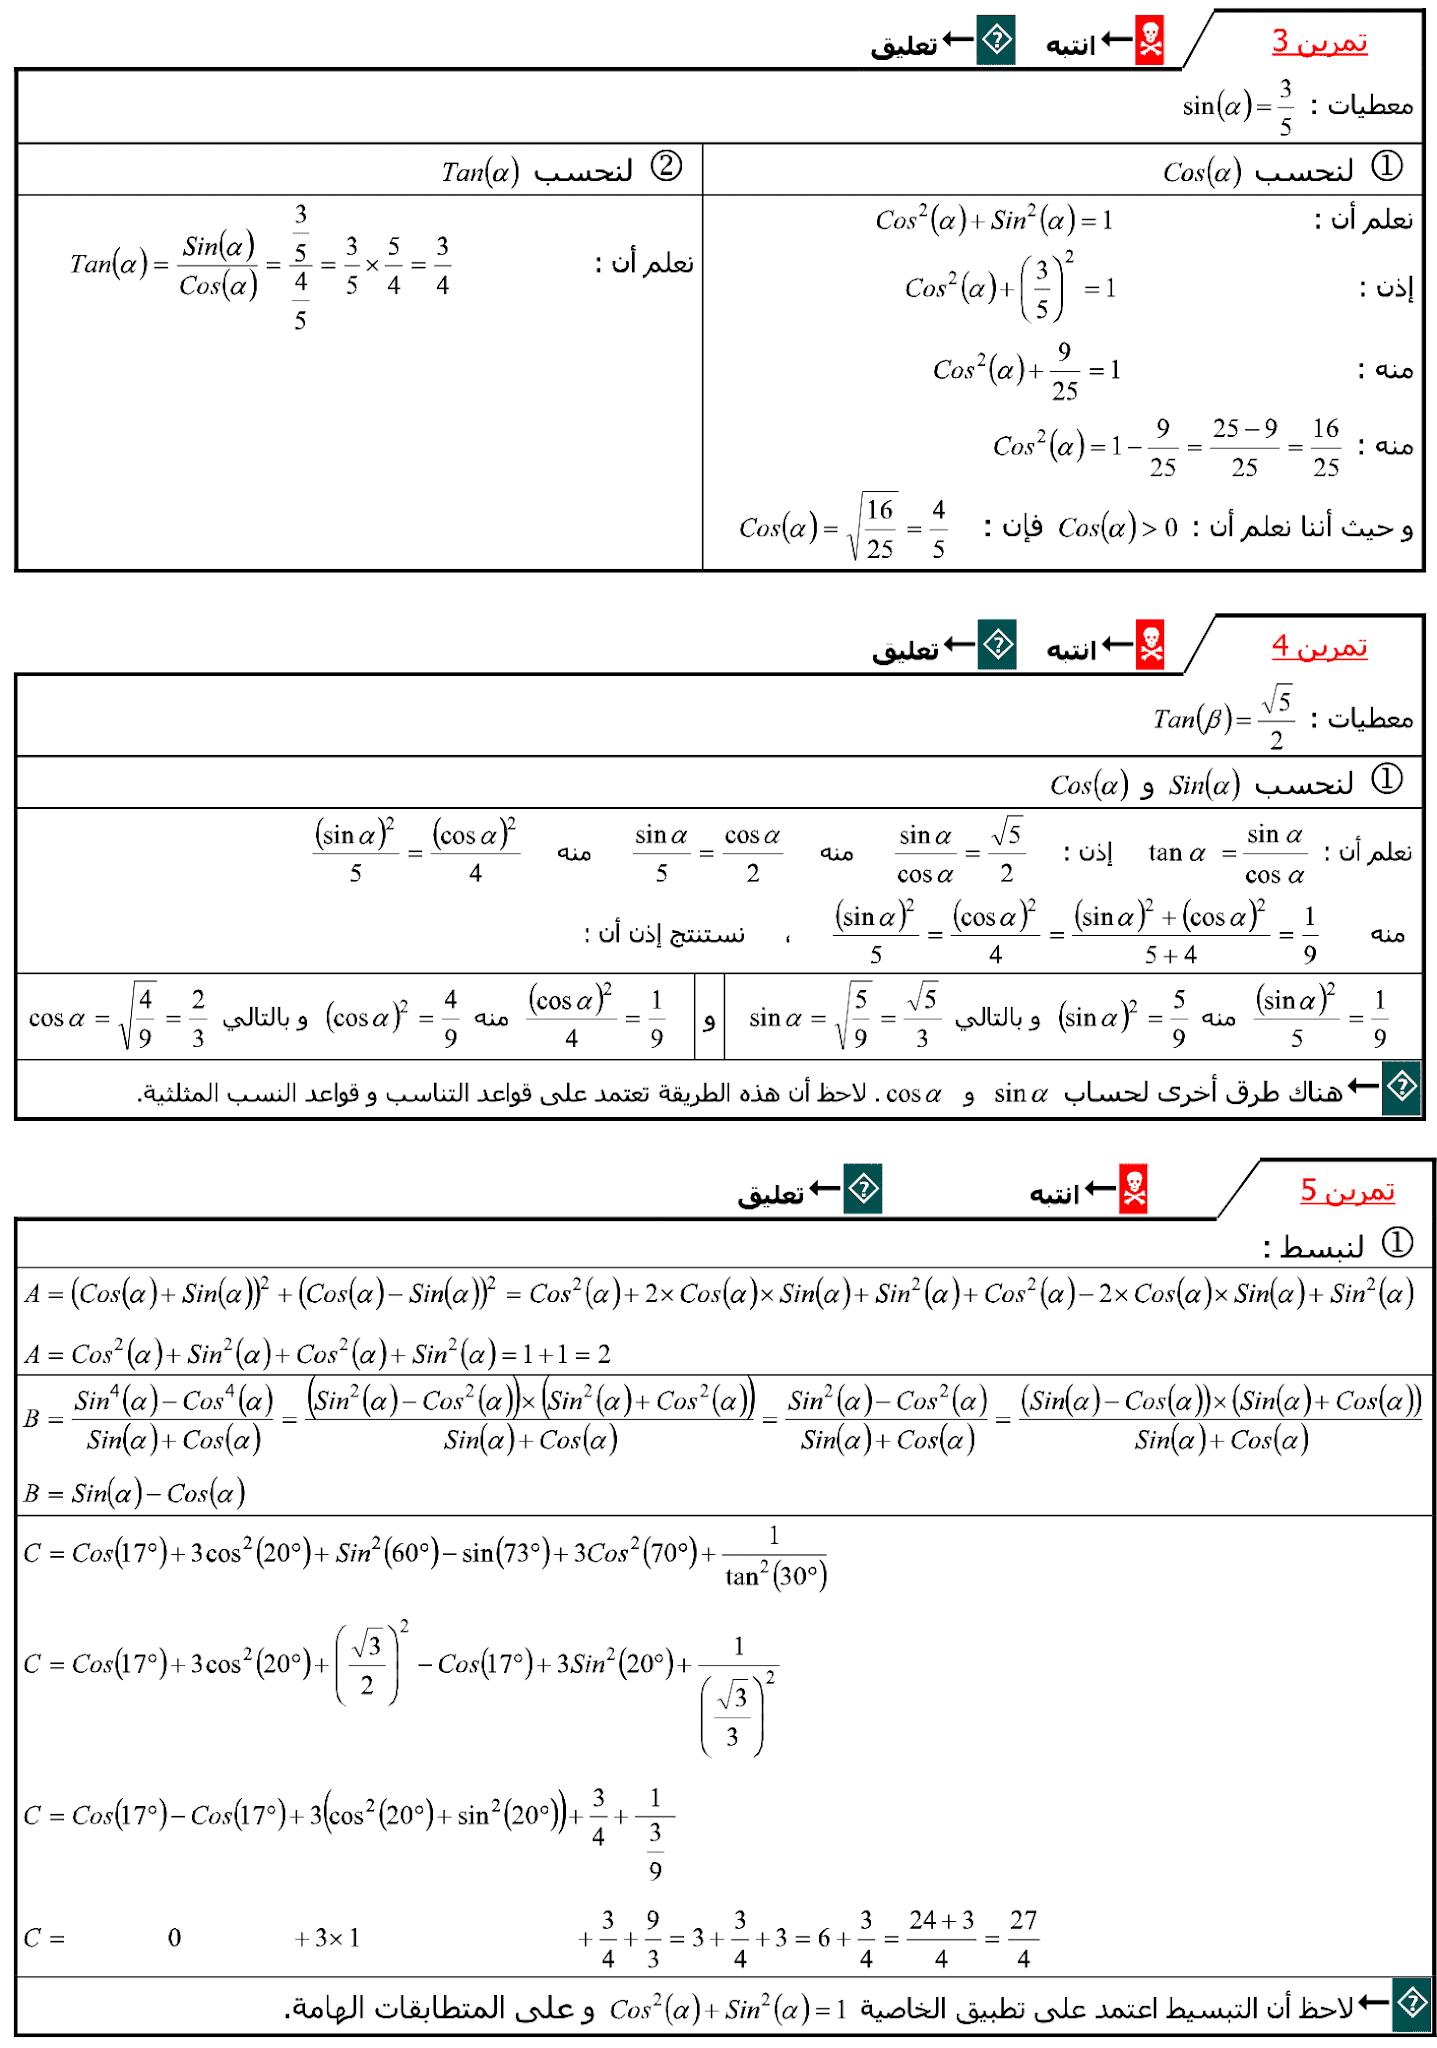 تمارين وحلول حول الحساب المثلثي الثالثة إعدادي